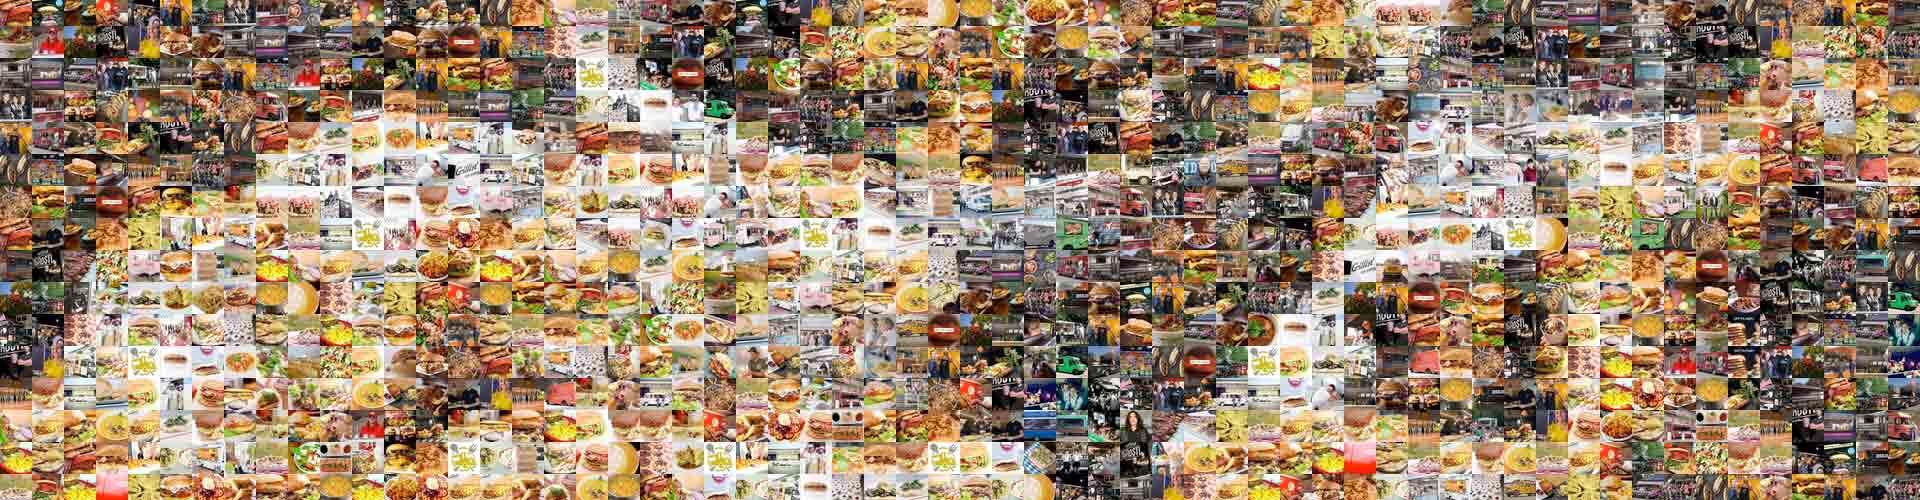 Catering-Szene dargestellt mit einer Collage aus vielen Foodtruck-Impressionen